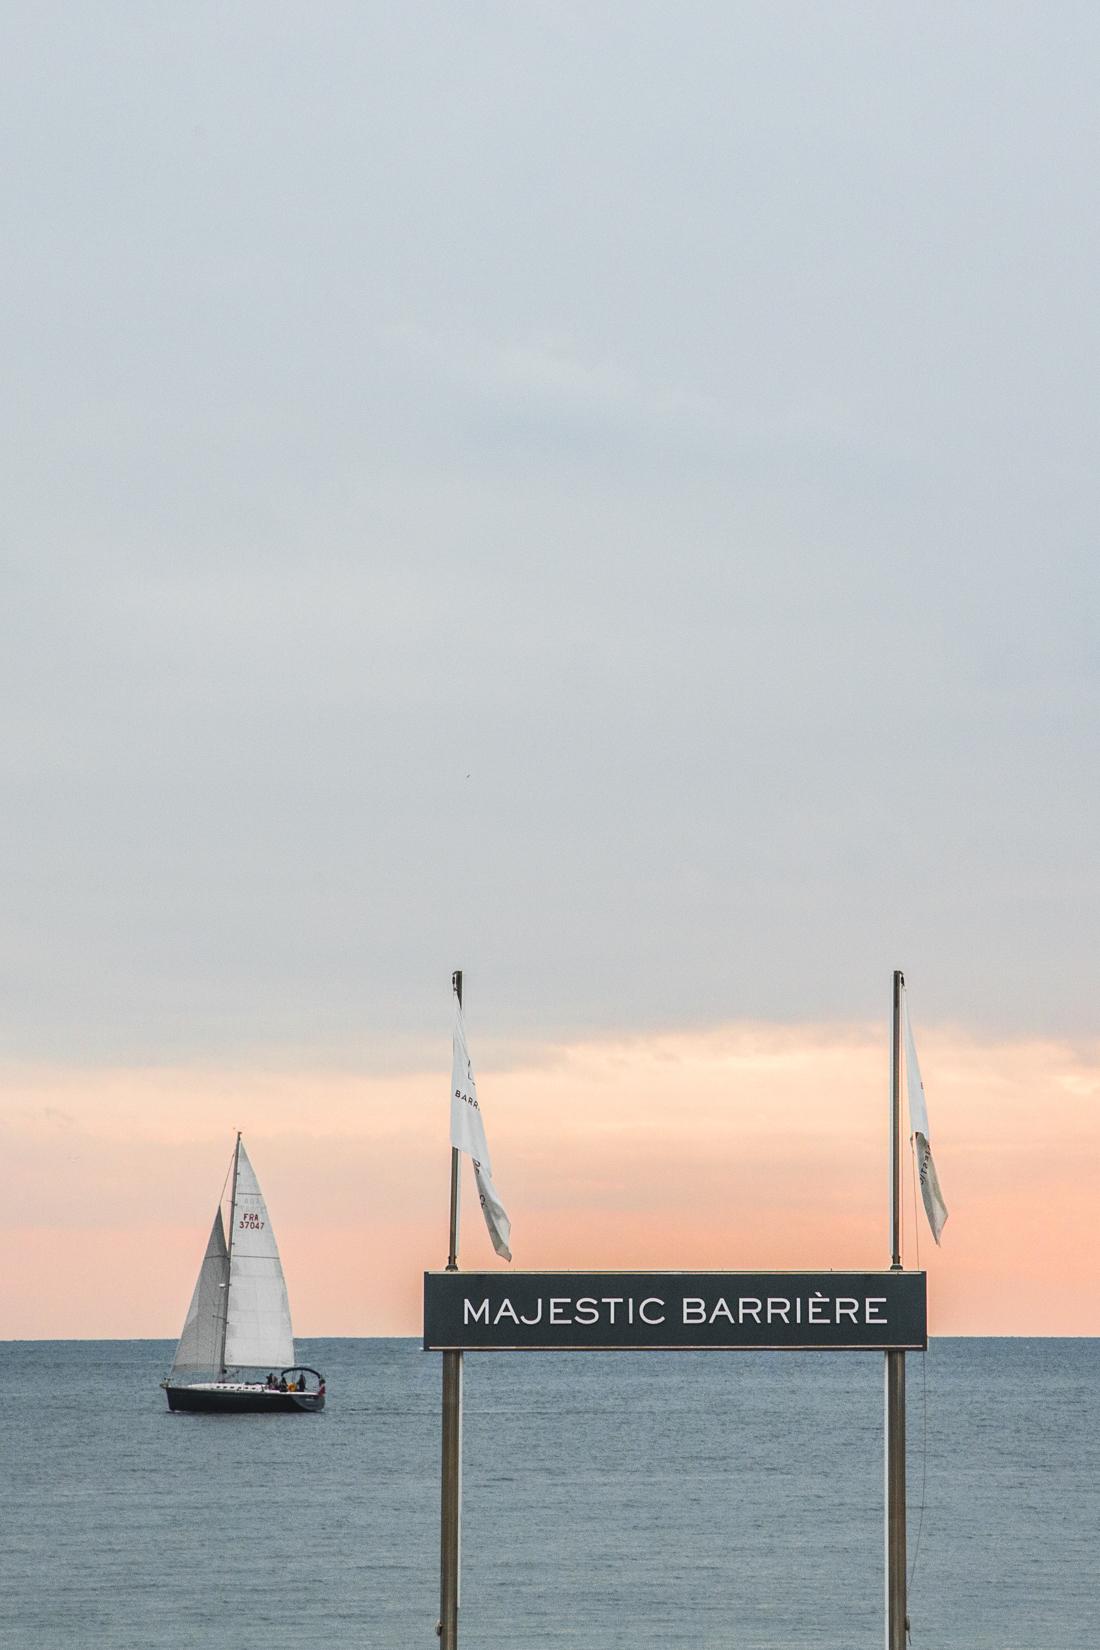 cannes majestic barriere fouquets la plage copyright Pauline paulinefashionblog com 34 Un week end à Cannes